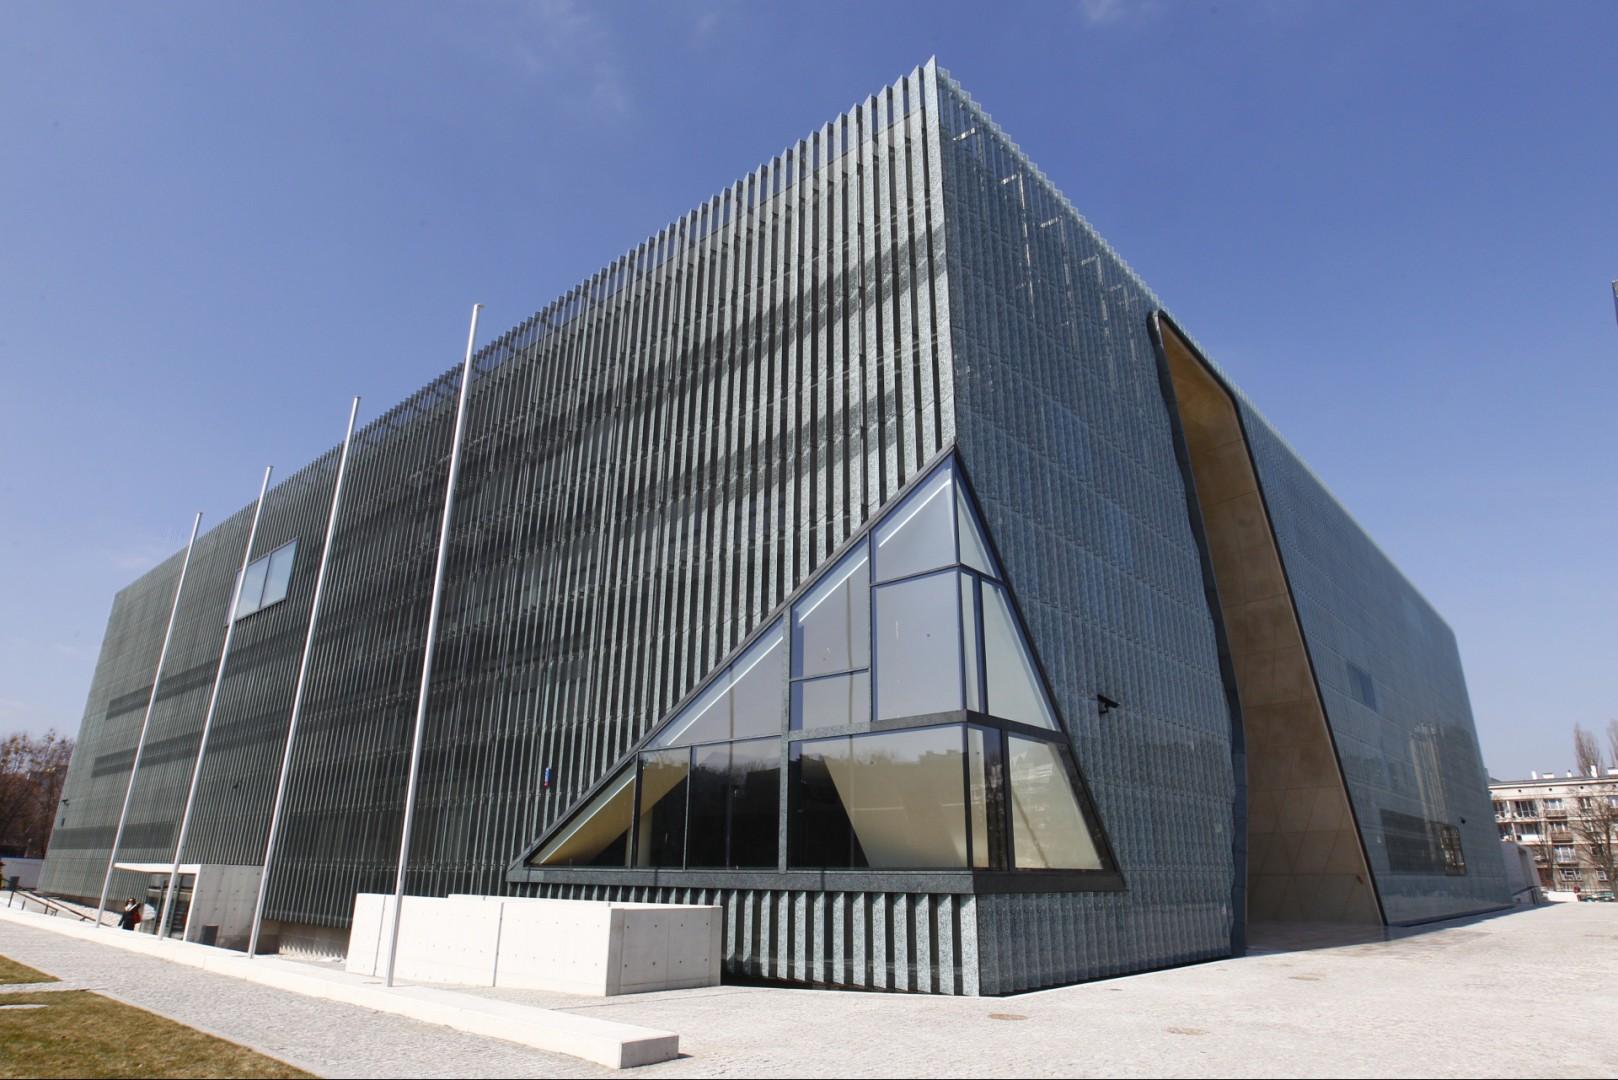 Muzeum Historii Żydów Polskich Polin w Warszawie - tu odbędzie się Forum Dobrego Designu. Fot. Archiwum